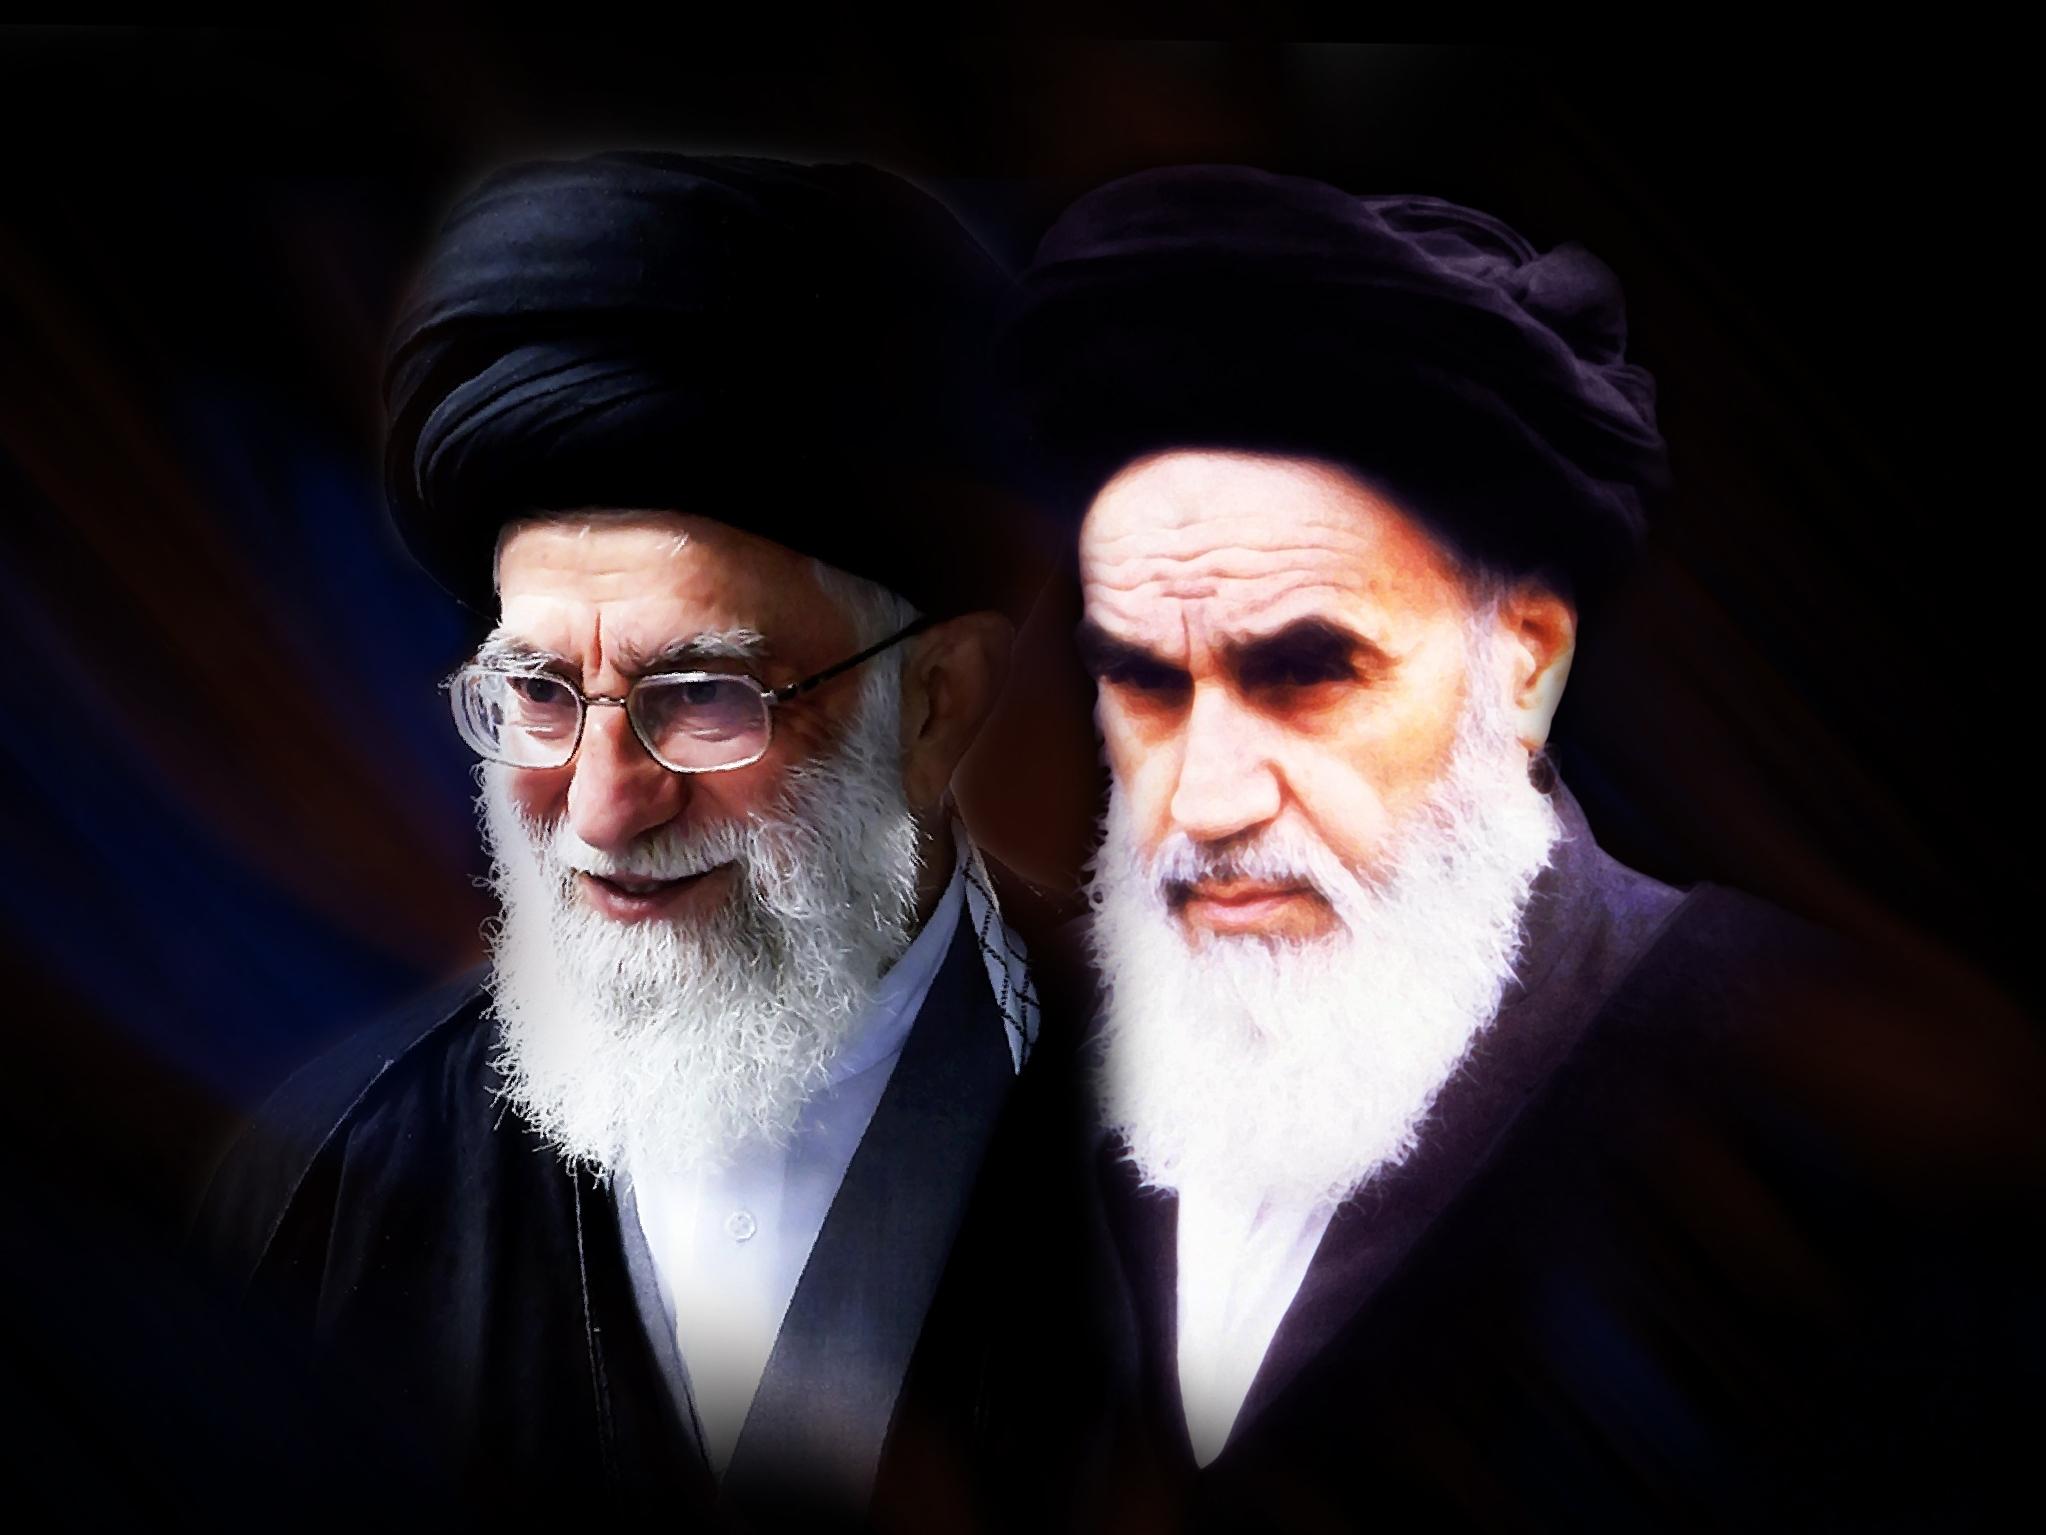 محورهای اصلی بیانات رهبر انقلاب در مراسم سالگرد رحلت امام(ره) در ۲۶ سال گذشته